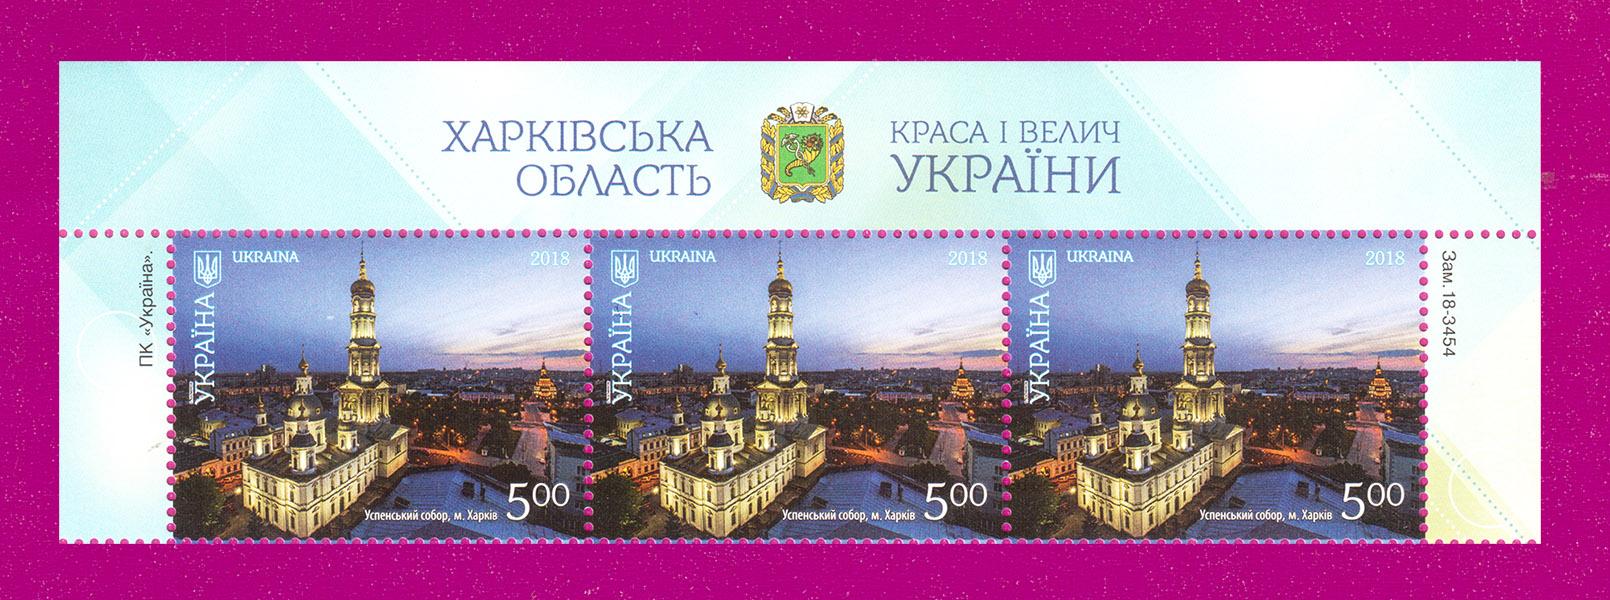 2018 верх листа Харьков Успенский собор Религия Украина